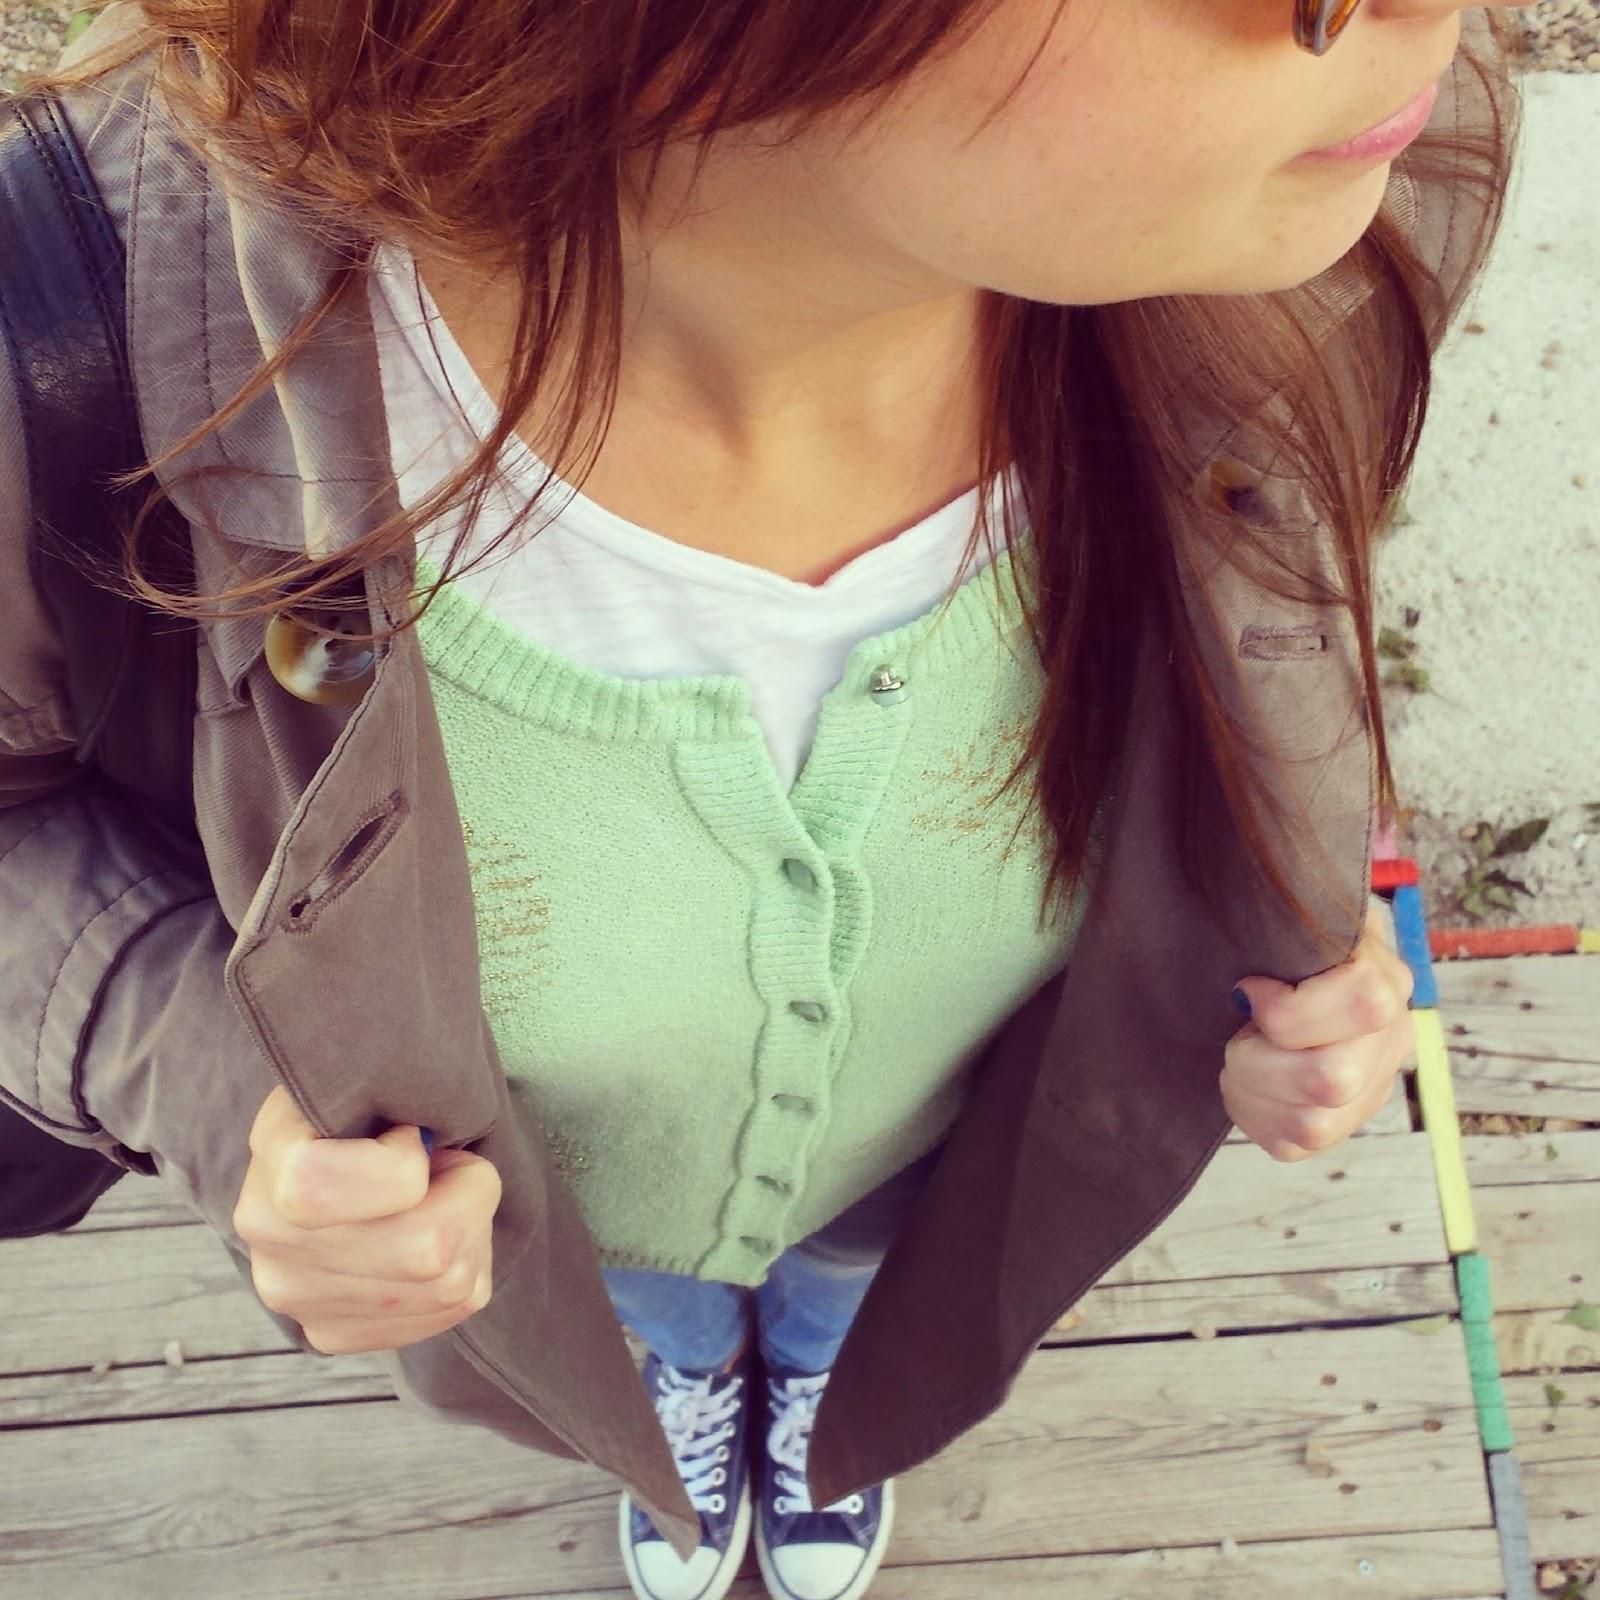 Outfit perfecto para pasear una chaqueta color pastel de Nümp, unos pantalones pitillos claros de Stradivarius, una camiseta básica de Mango y una zapatillas converse navy.